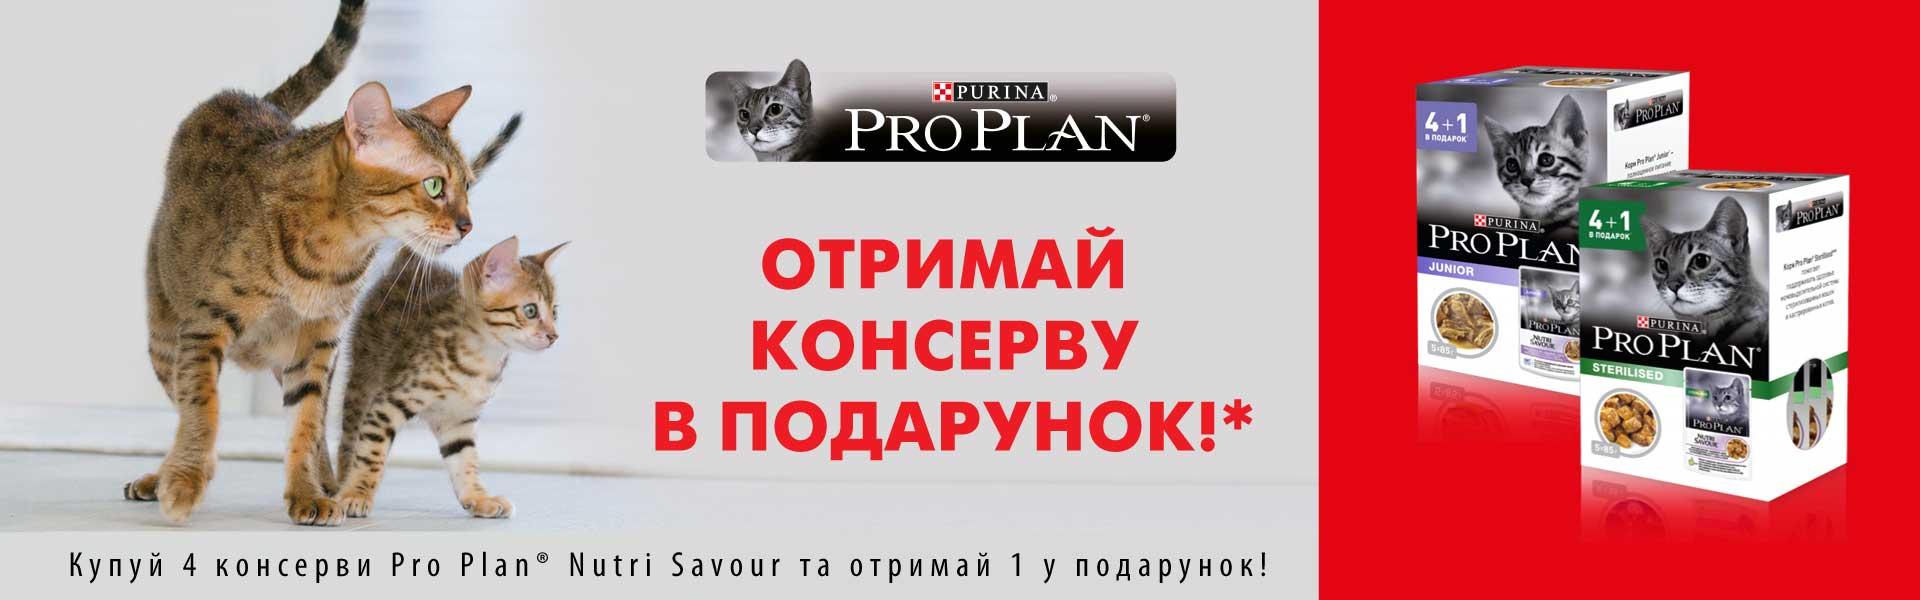 Про План паучи акция 4+1